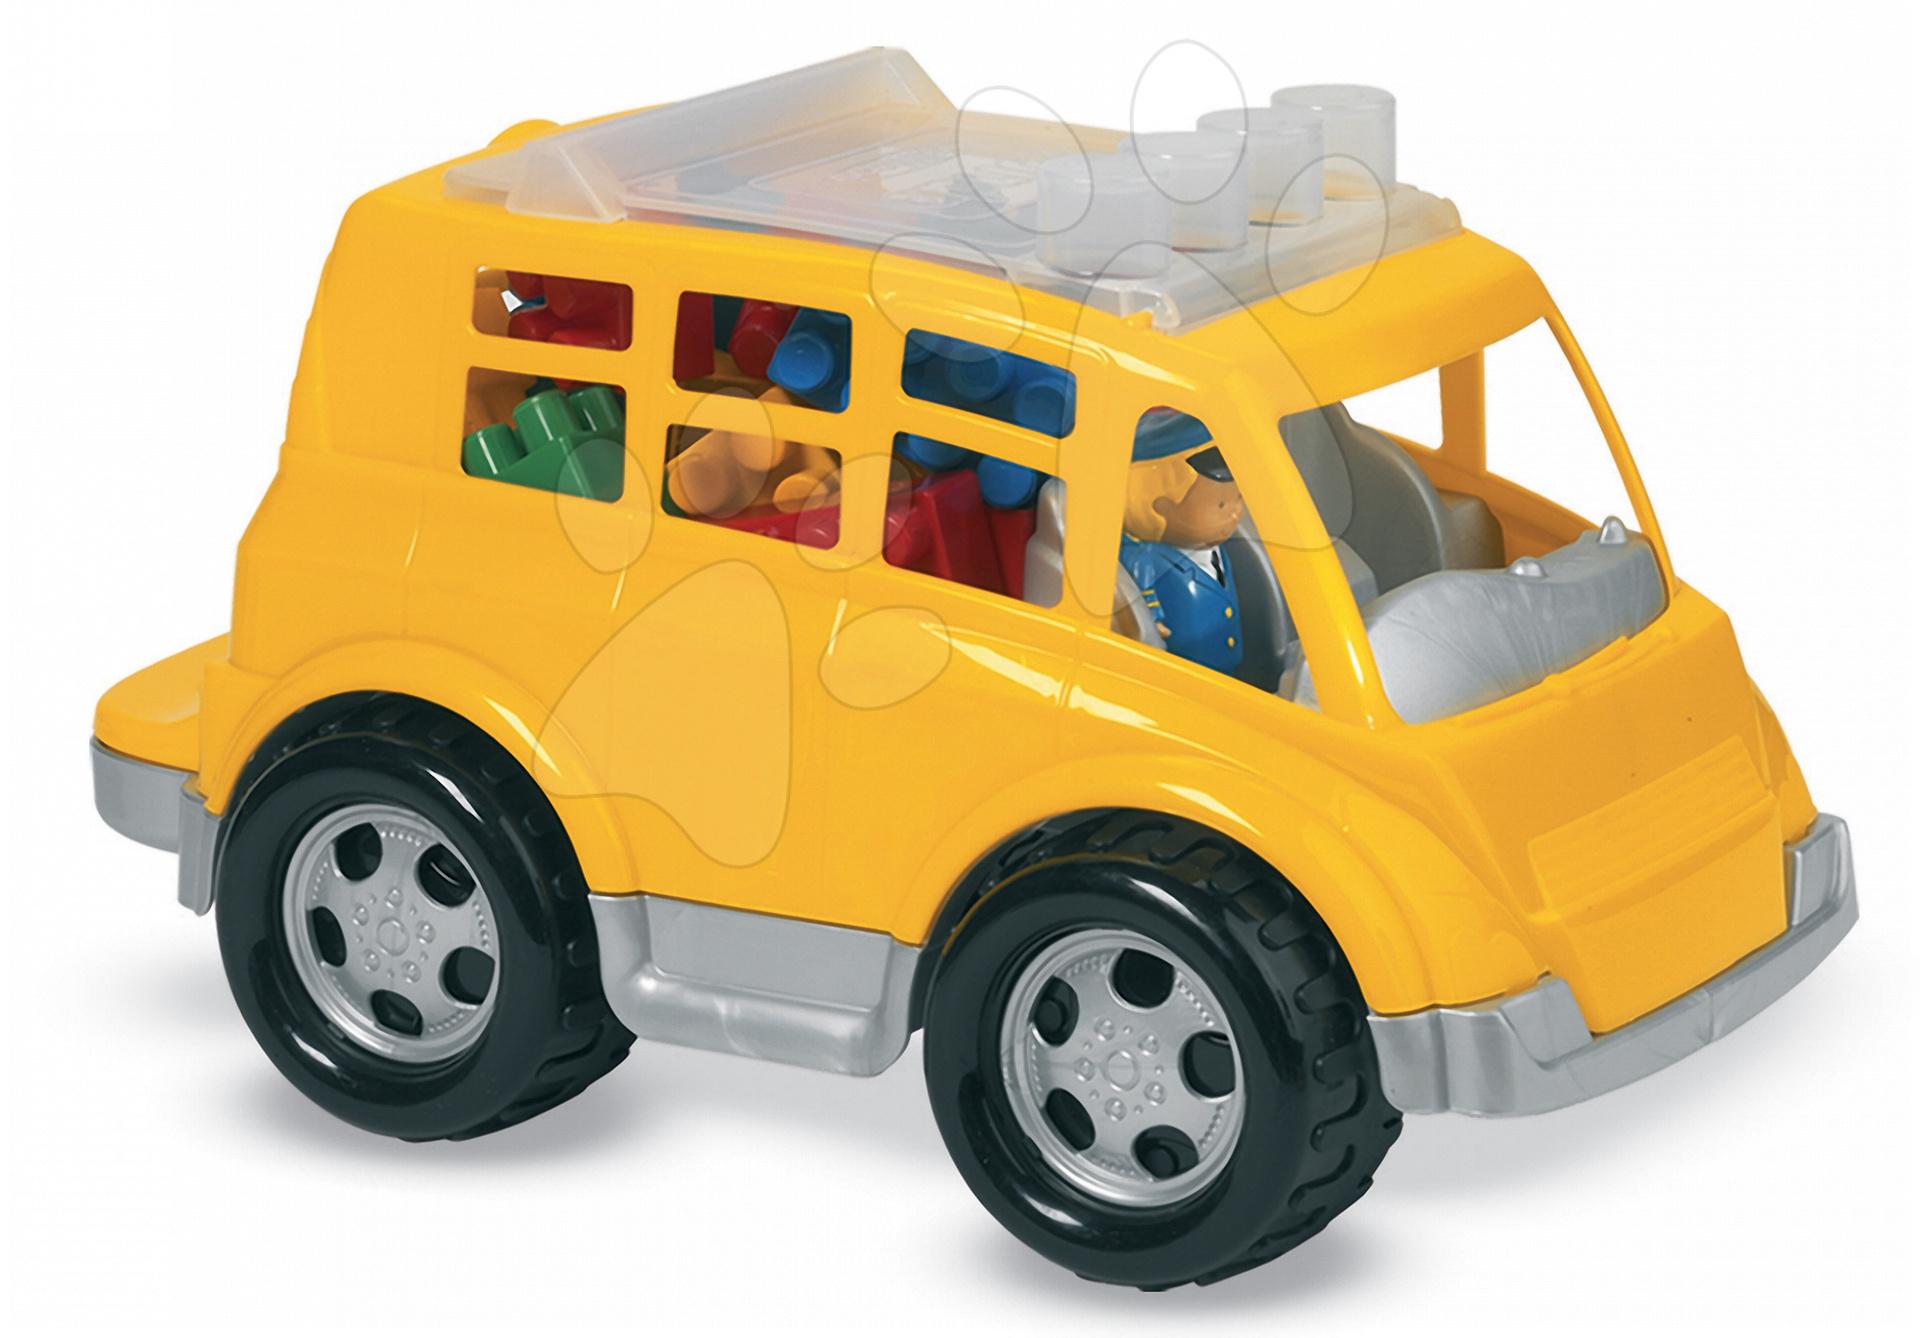 Építőjáték Abrick – kockák és autóbusz Écoiffier sárga 18 hó-tól